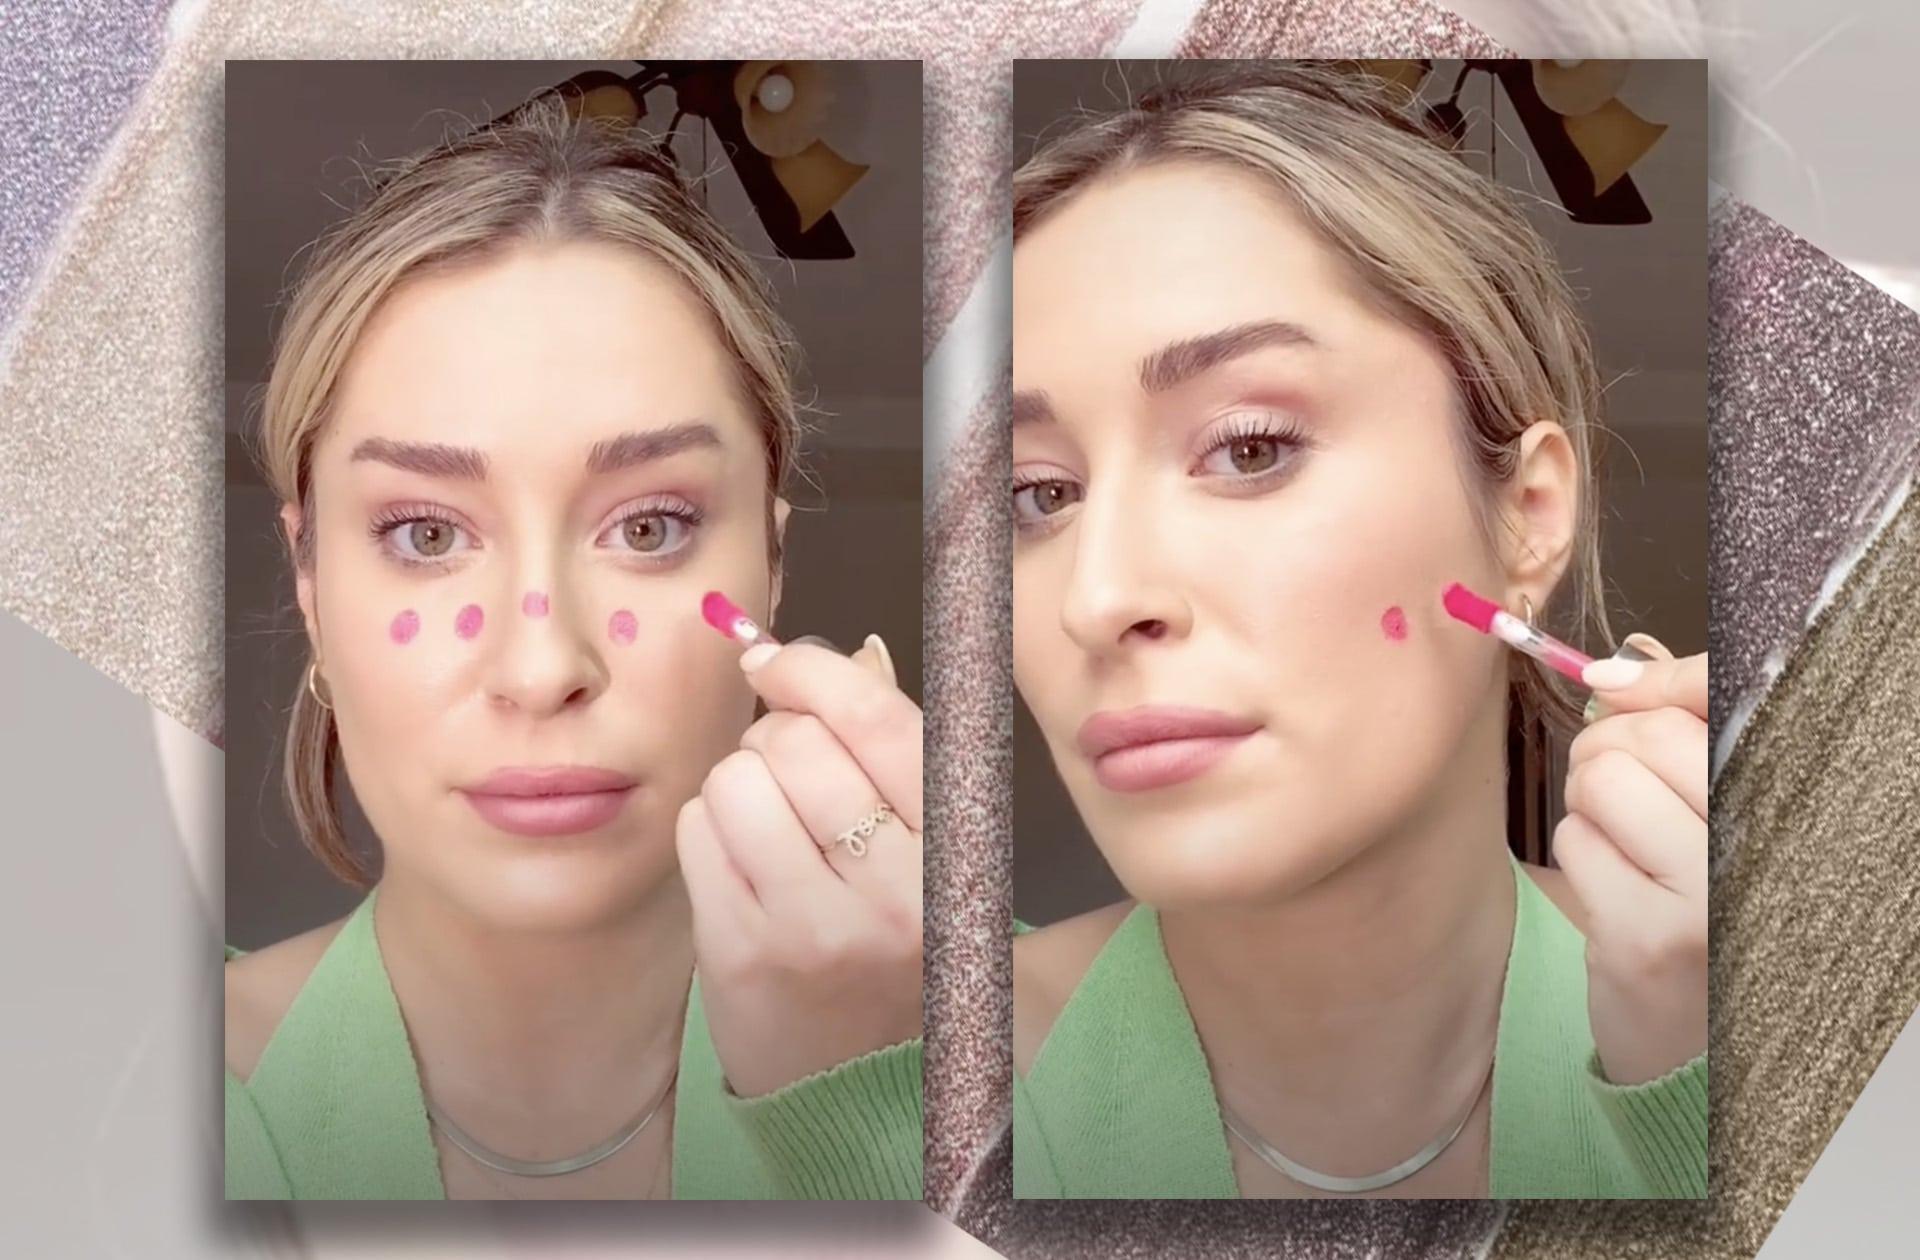 Et si la simple application d'un blush avait le pouvoir de changer la forme de votre visage?